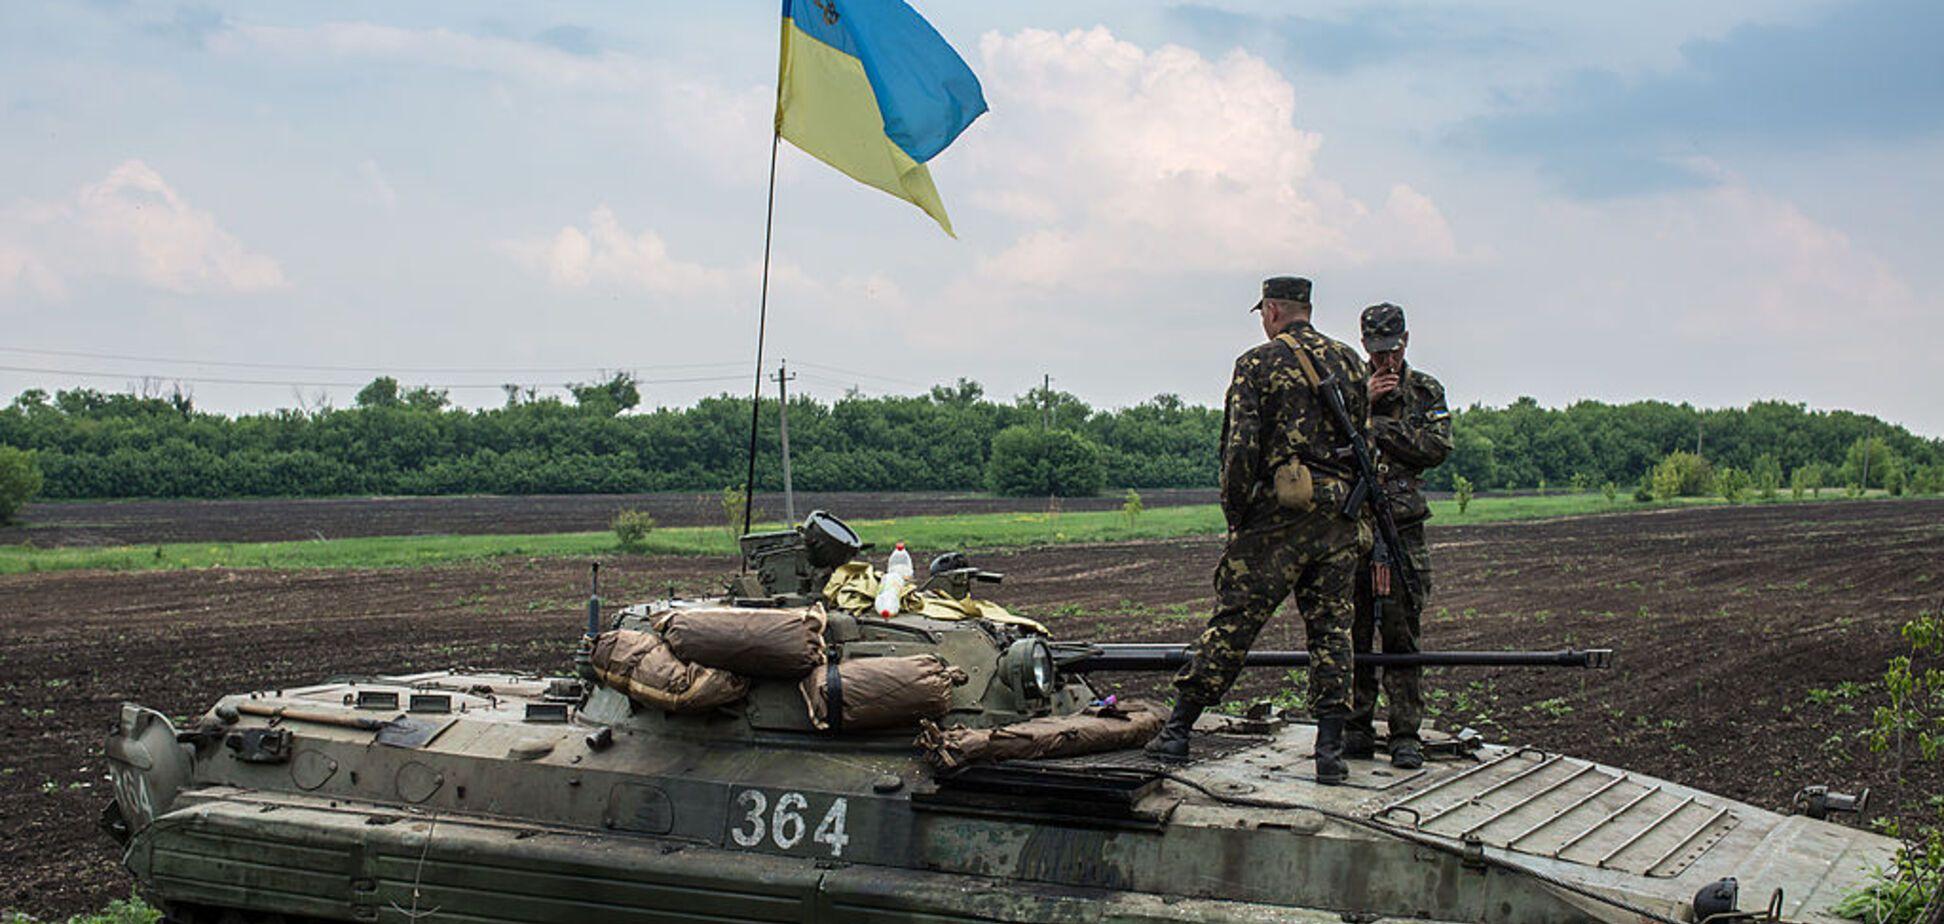 Террористы 'Л/ДНР' атакуют: есть раненые среди сил АТО